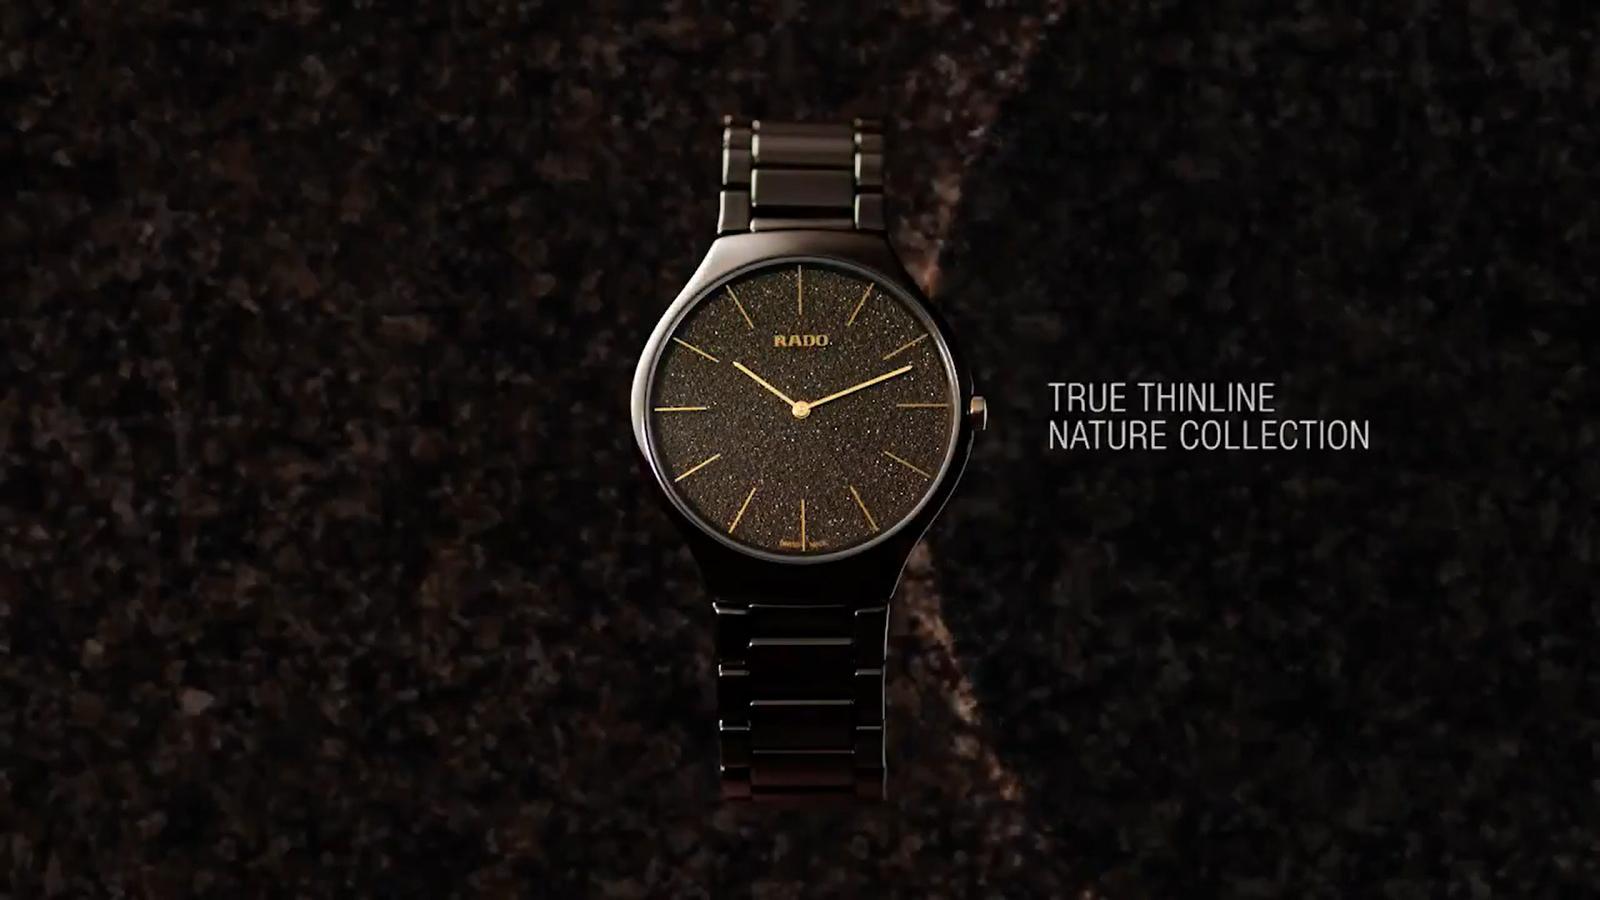 【RADO ラドー】True Thinline Earth トゥルーシンライン(アースブラウン)/正規輸入品